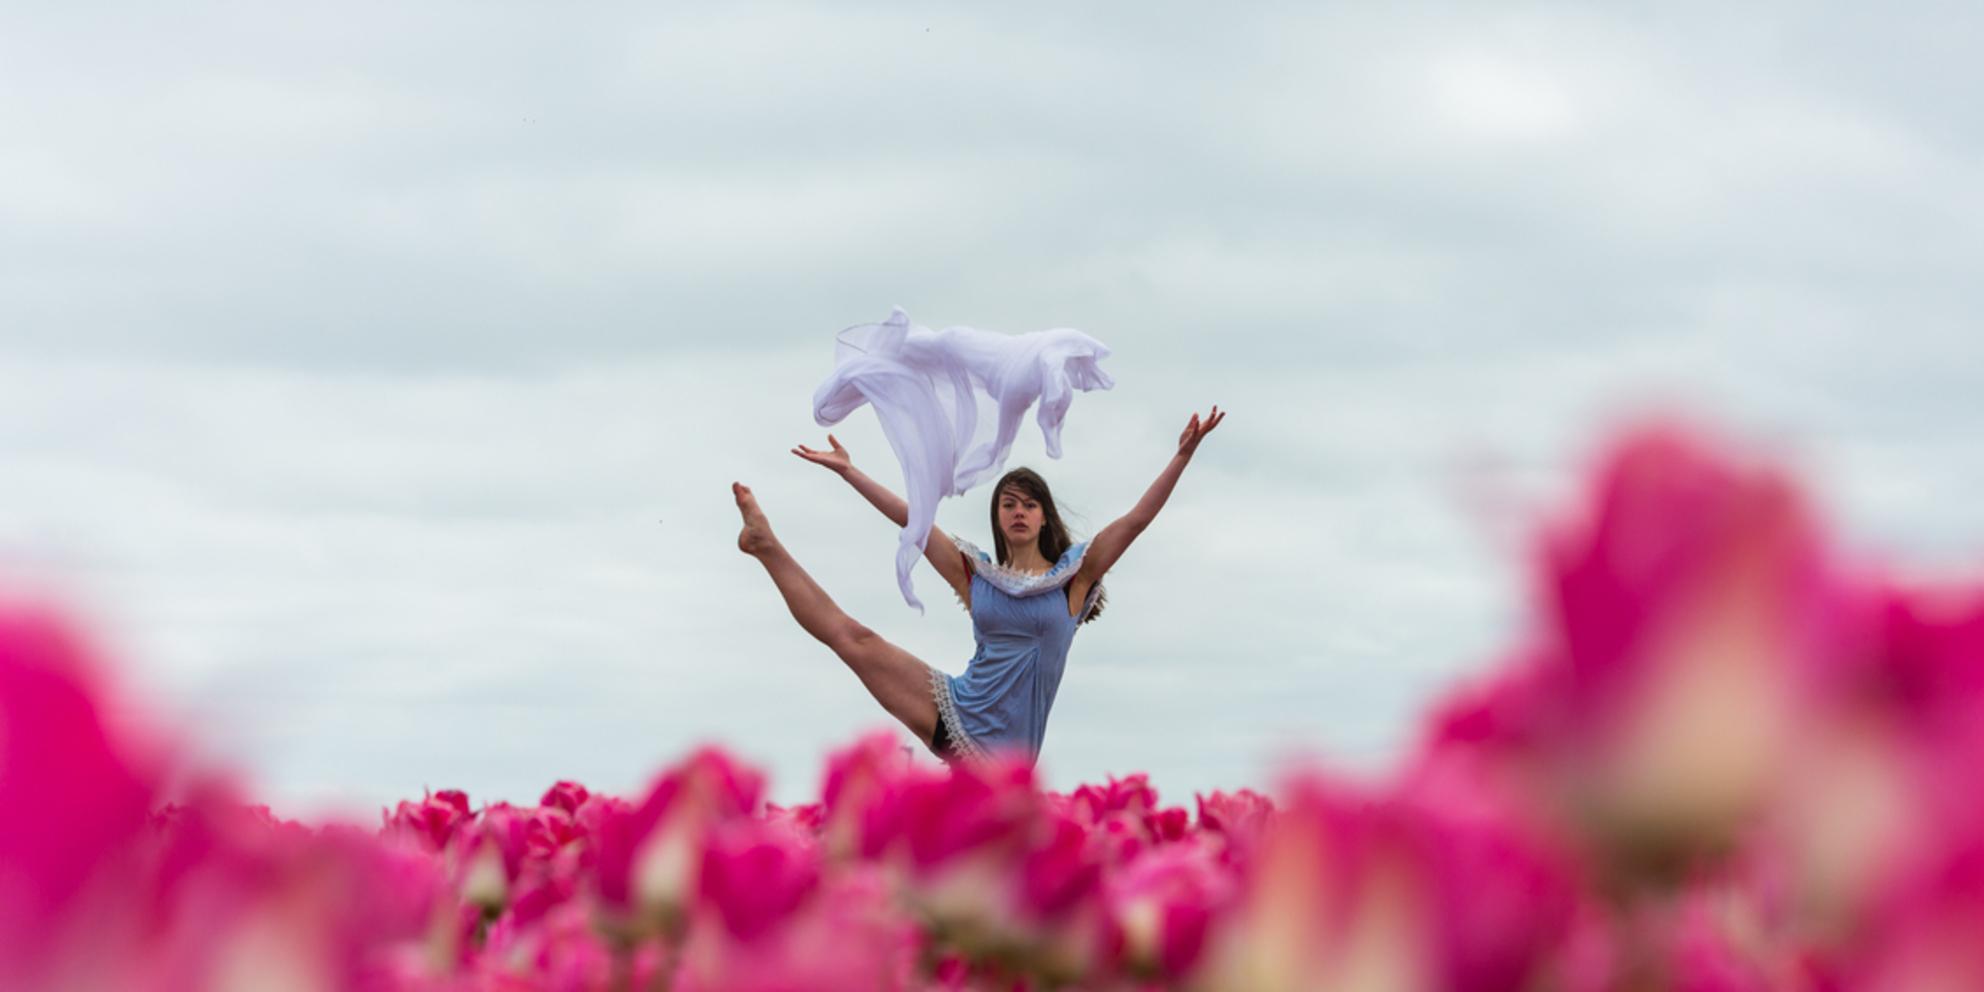 wies - - - foto door darka op 05-05-2020 - deze foto bevat: vrouw, lucht, tulpen, lente, natuur, licht, landschap, model, meisje, ballet, ballerina - Deze foto mag gebruikt worden in een Zoom.nl publicatie